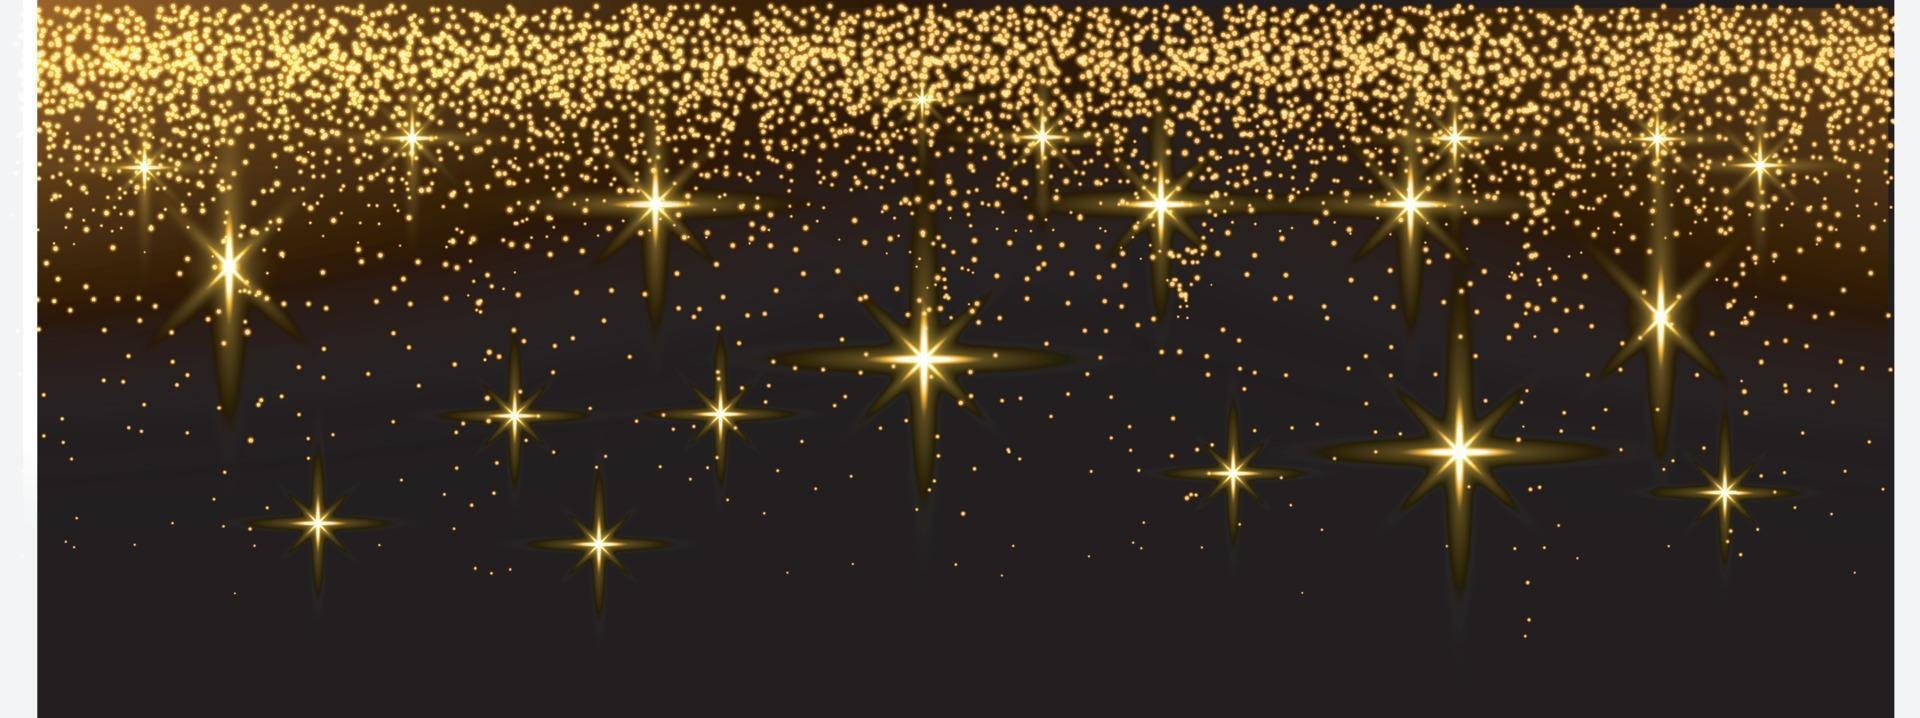 guldglitter och stjärnor på isolerad bakgrund. vektor